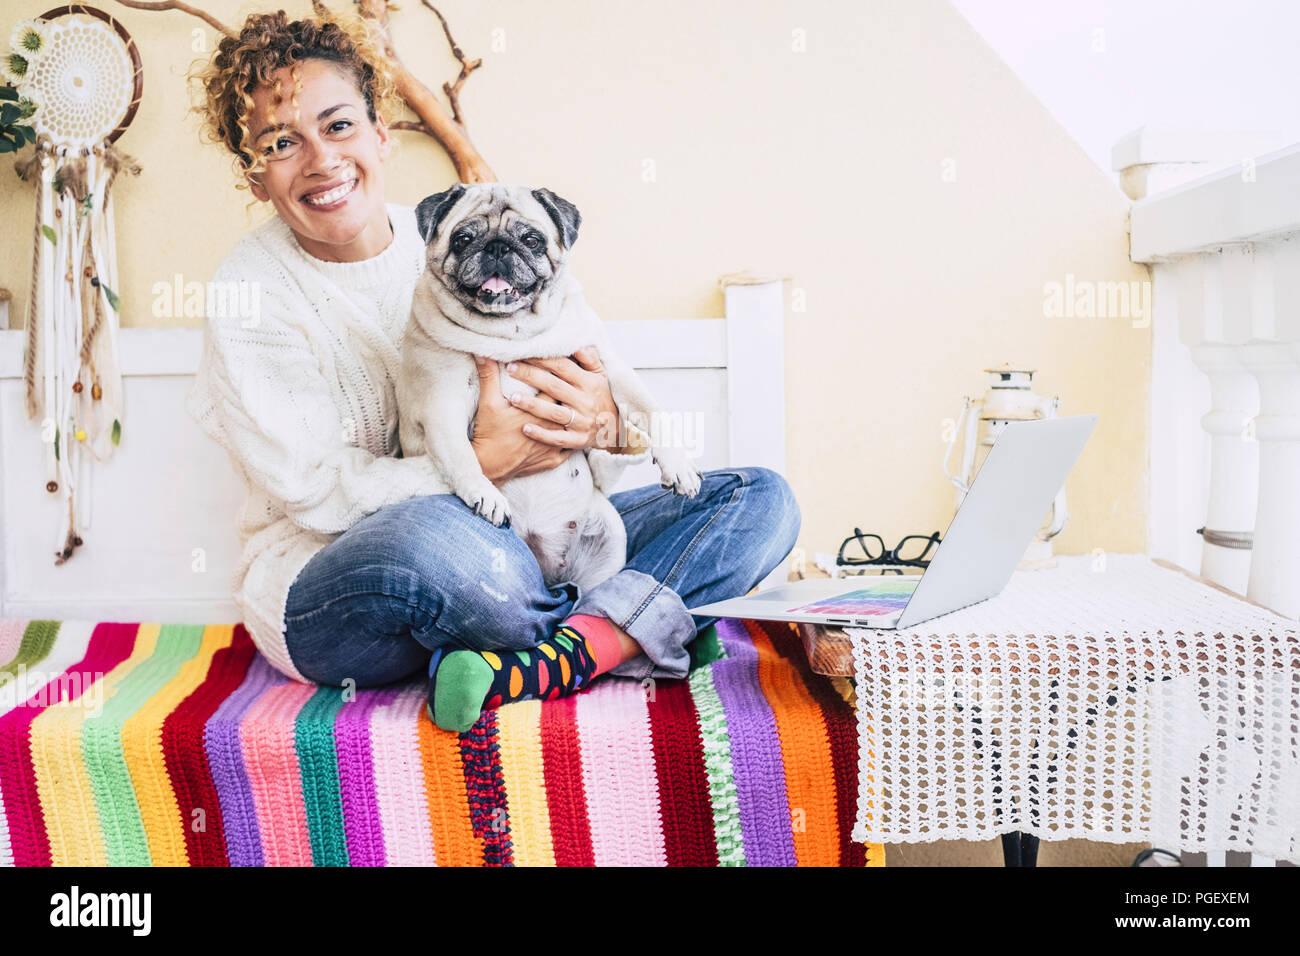 In totale la felicità per la bella allegro caucasian giovane donna abbracciato con i suoi migliori amici cane grasso pug sorridente troppo. amicizia a casa e godere di lifest Immagini Stock